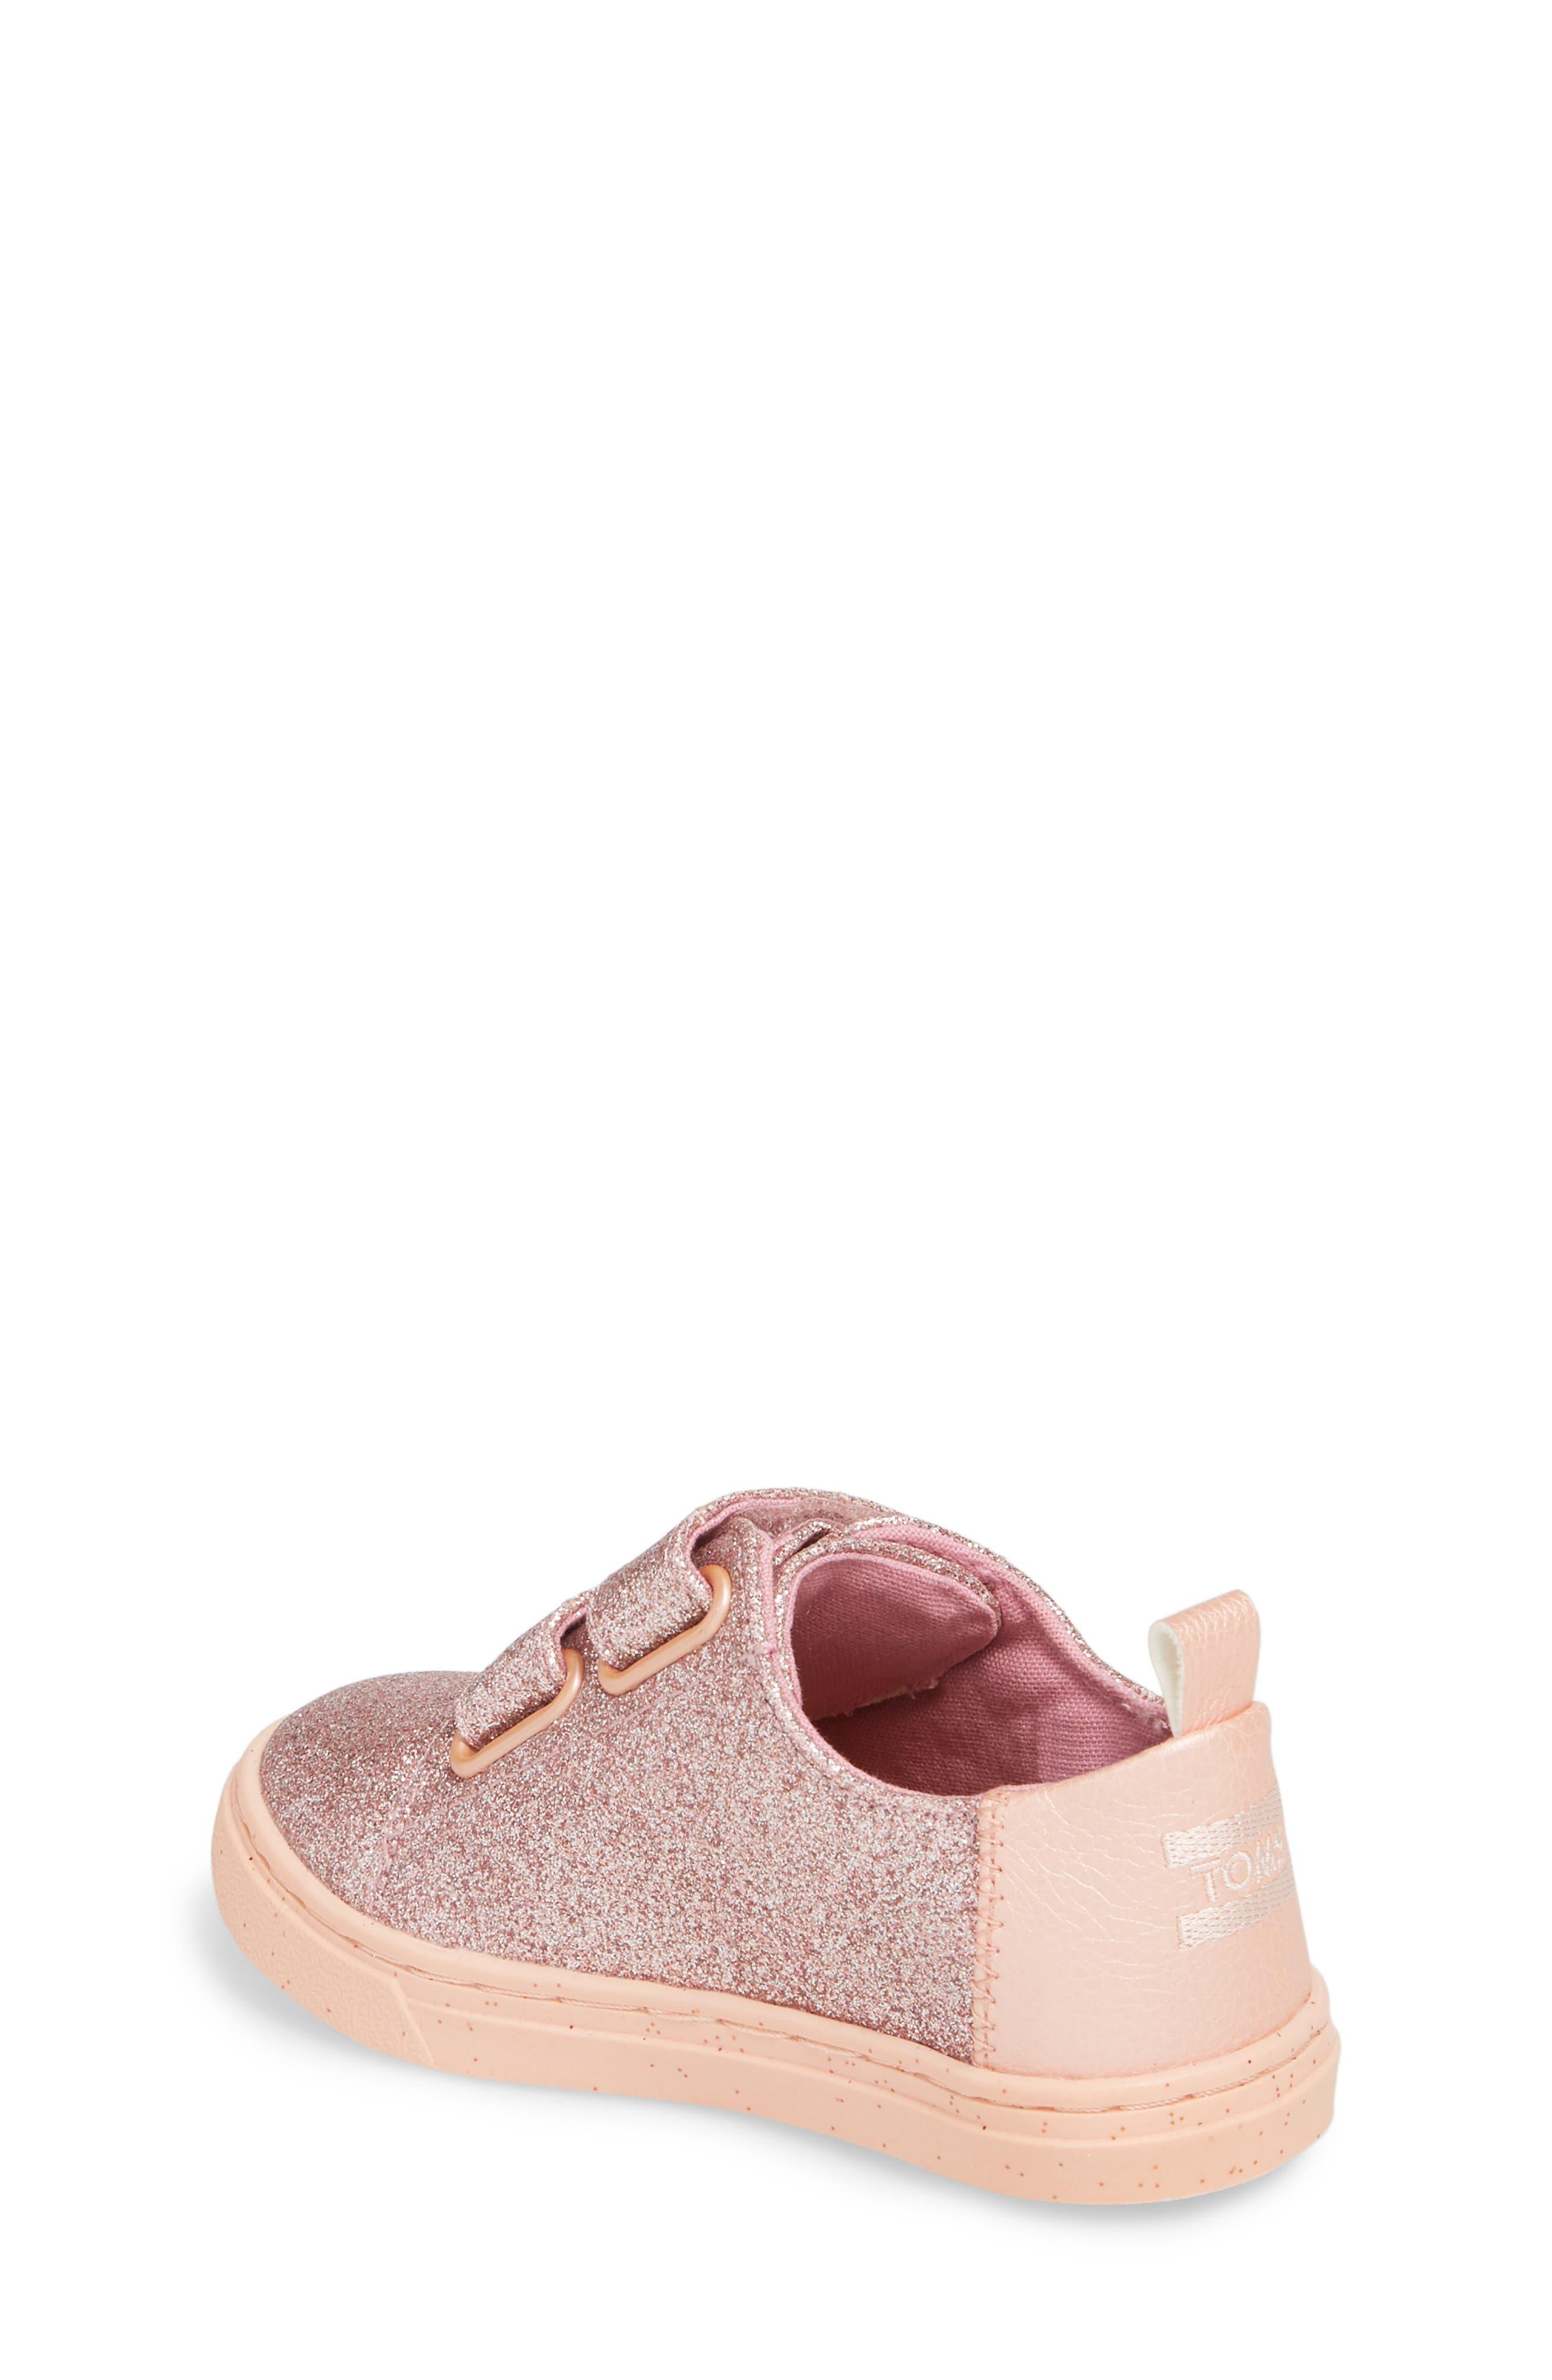 Lenny Metallic Glitter Sneaker,                             Alternate thumbnail 2, color,                             ROSE GOLD GLITTER